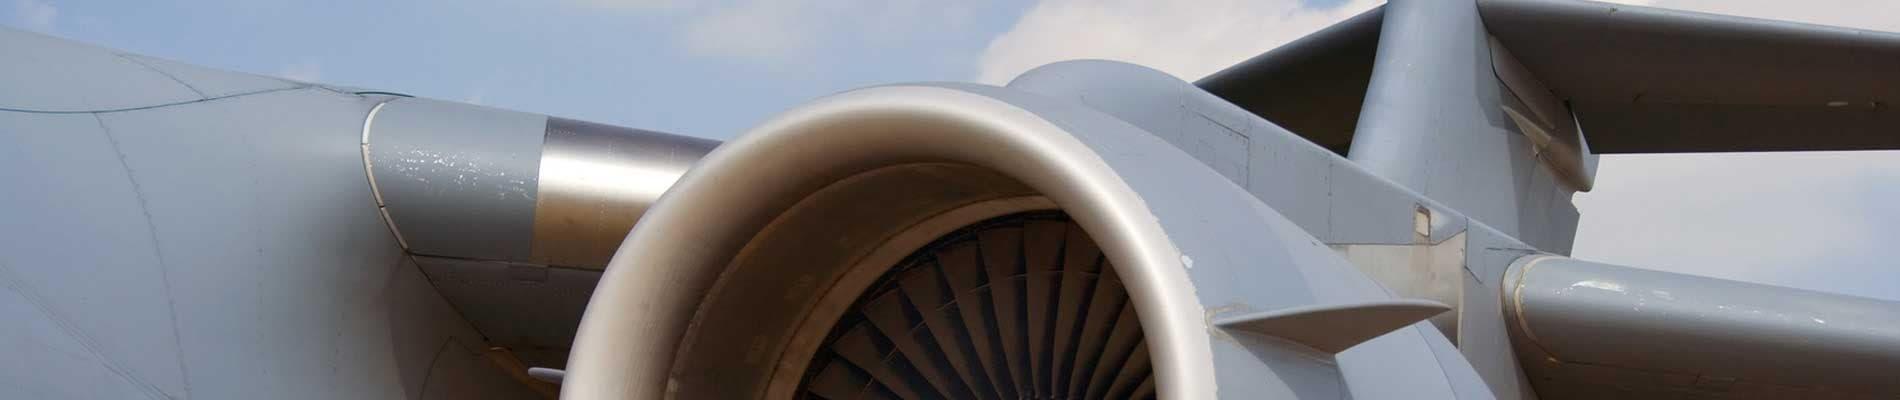 Aeronautica, trasporti e nautica